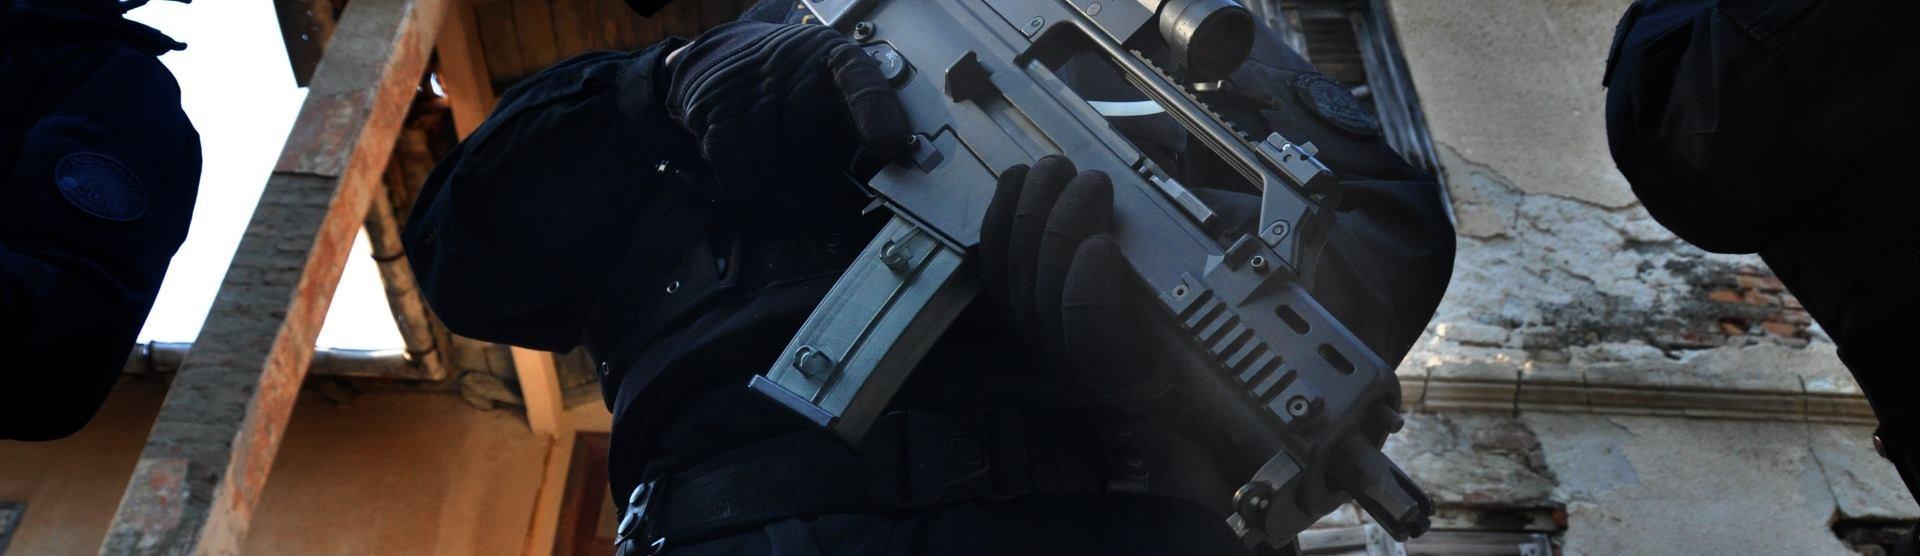 NAPETO U MAKEDONIJI Naoružana skupina zauzela policijsku postaju na sjeveru zemlje